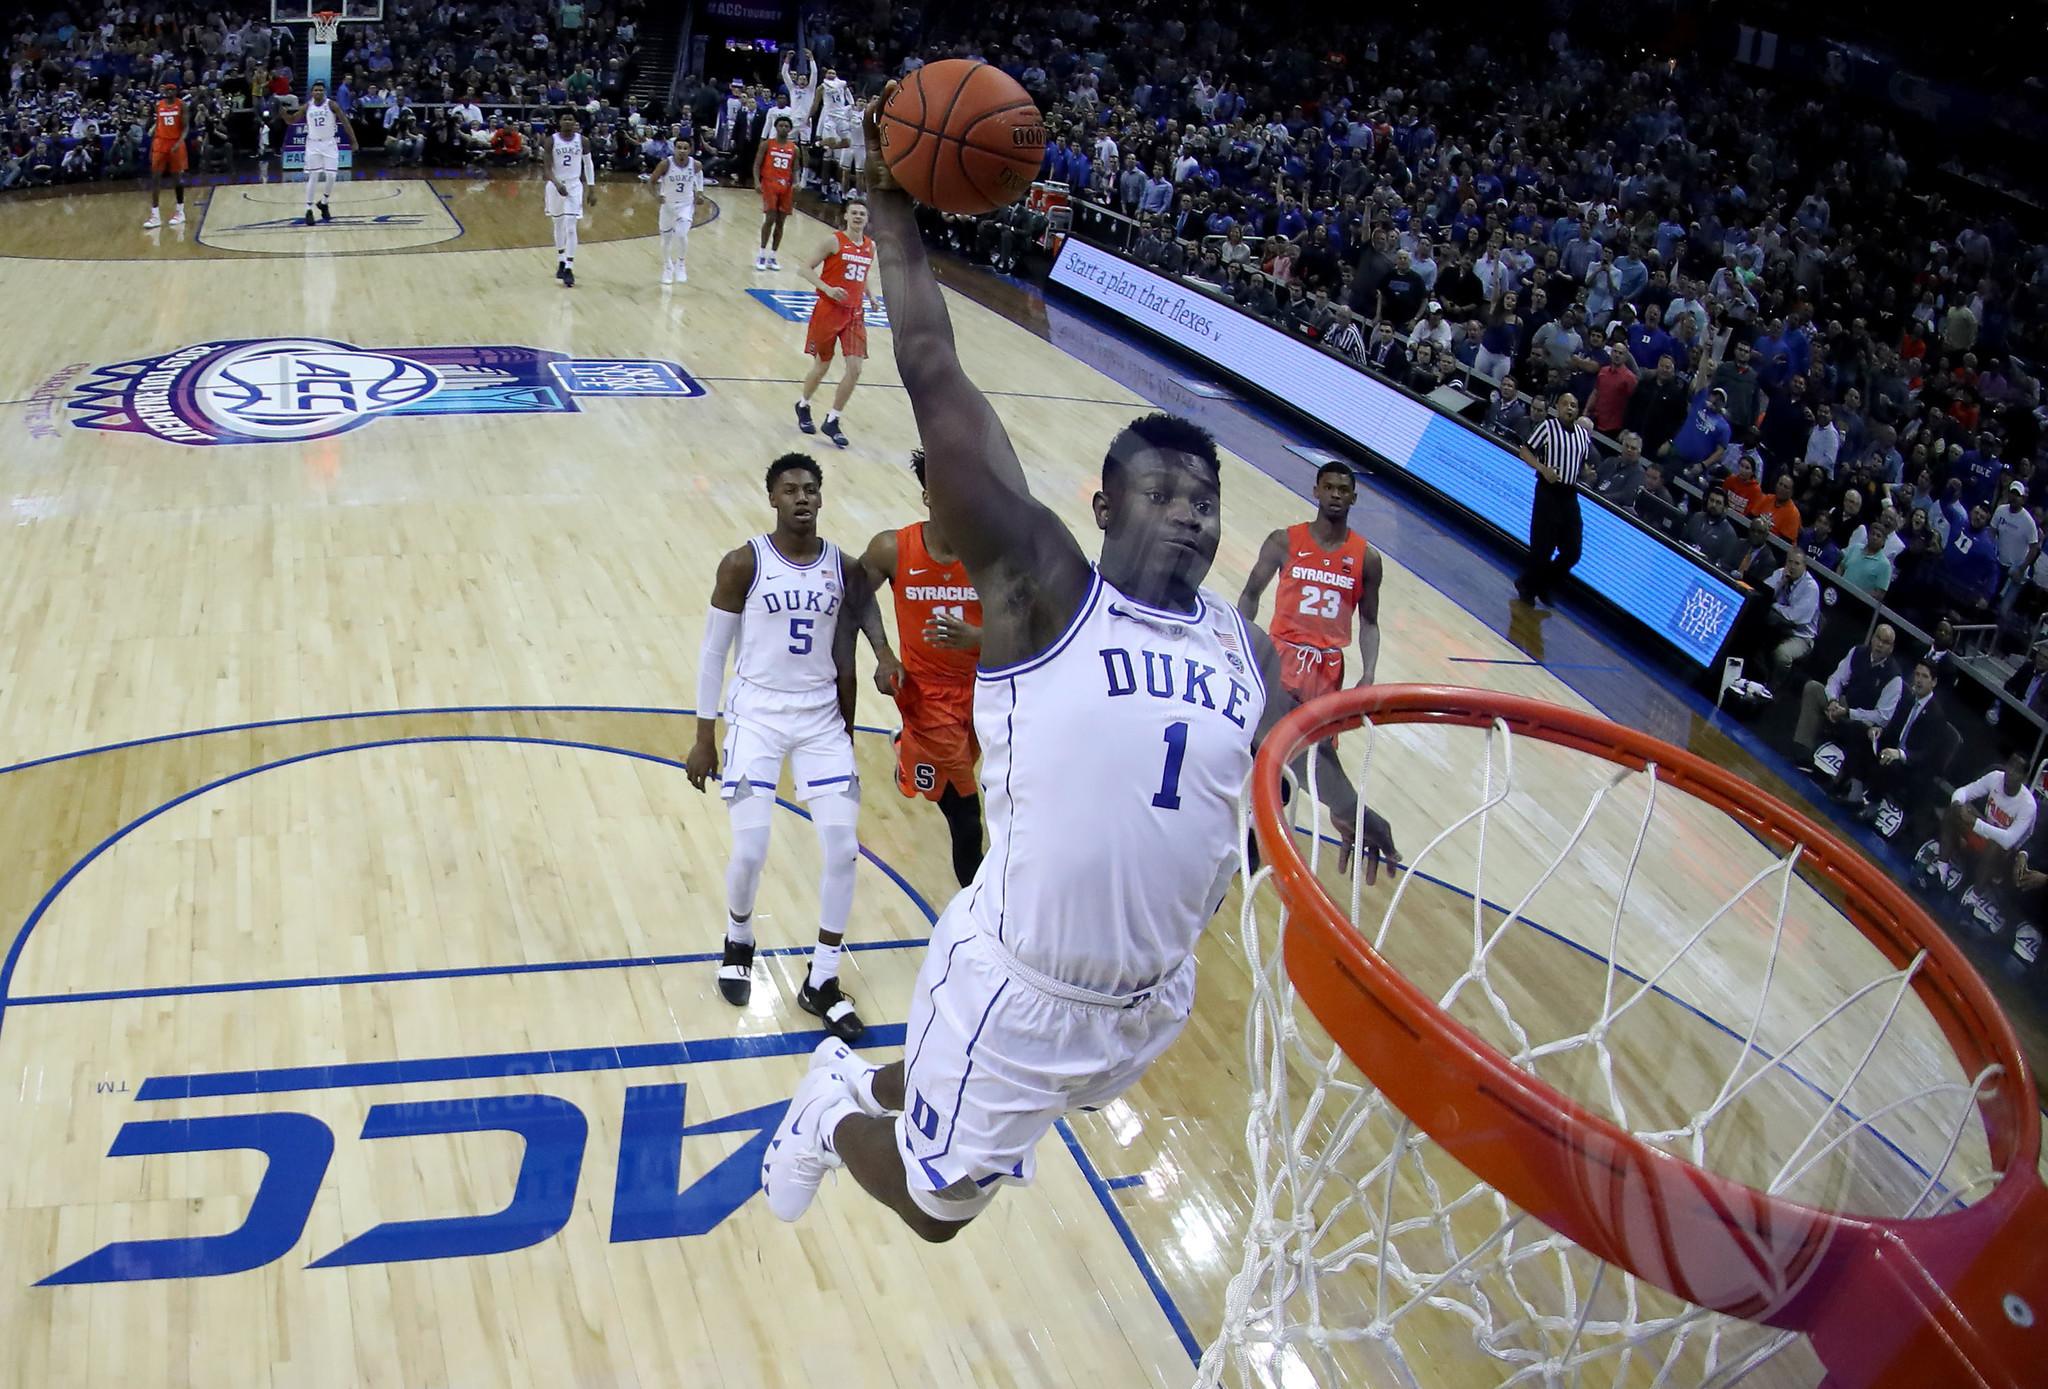 Flipboard: Photos: Syracuse Basketball Vs. Duke (2019 ACC